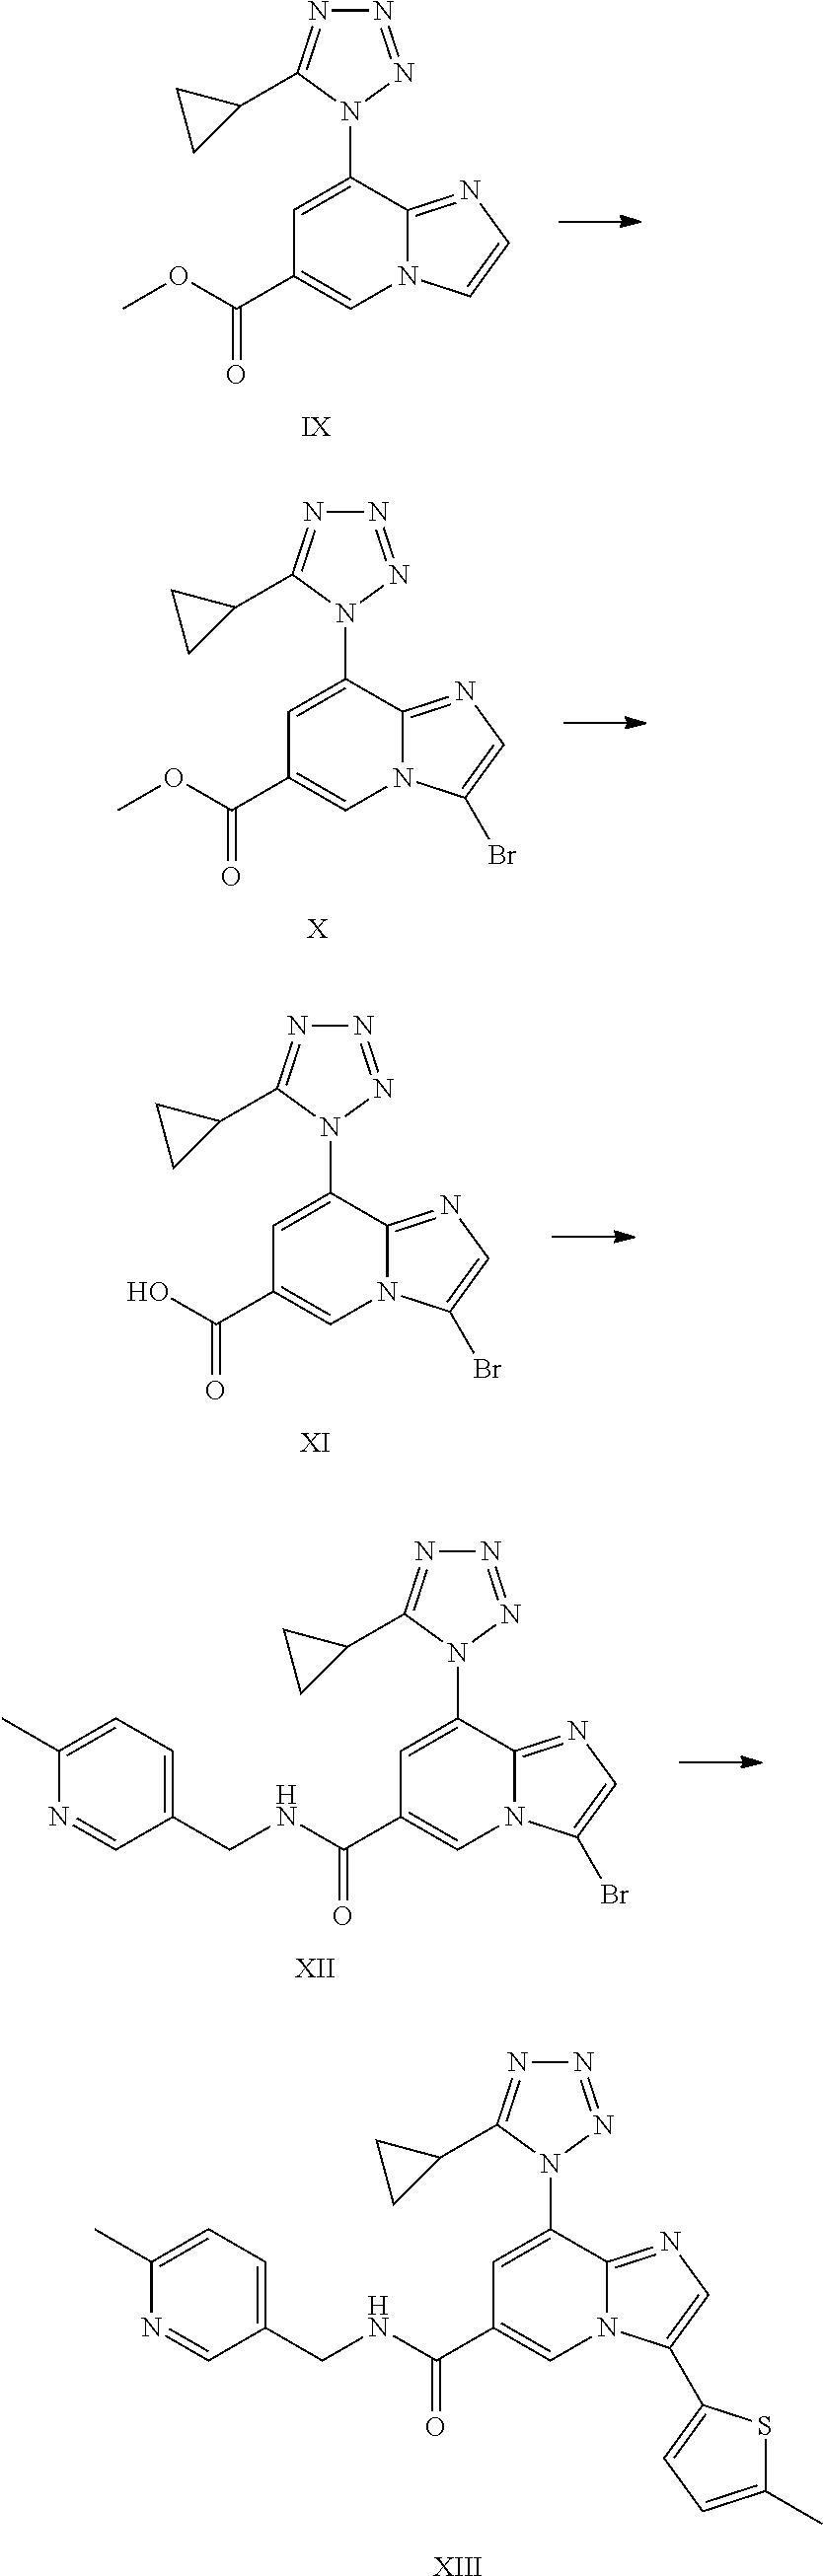 Figure US09908879-20180306-C00063